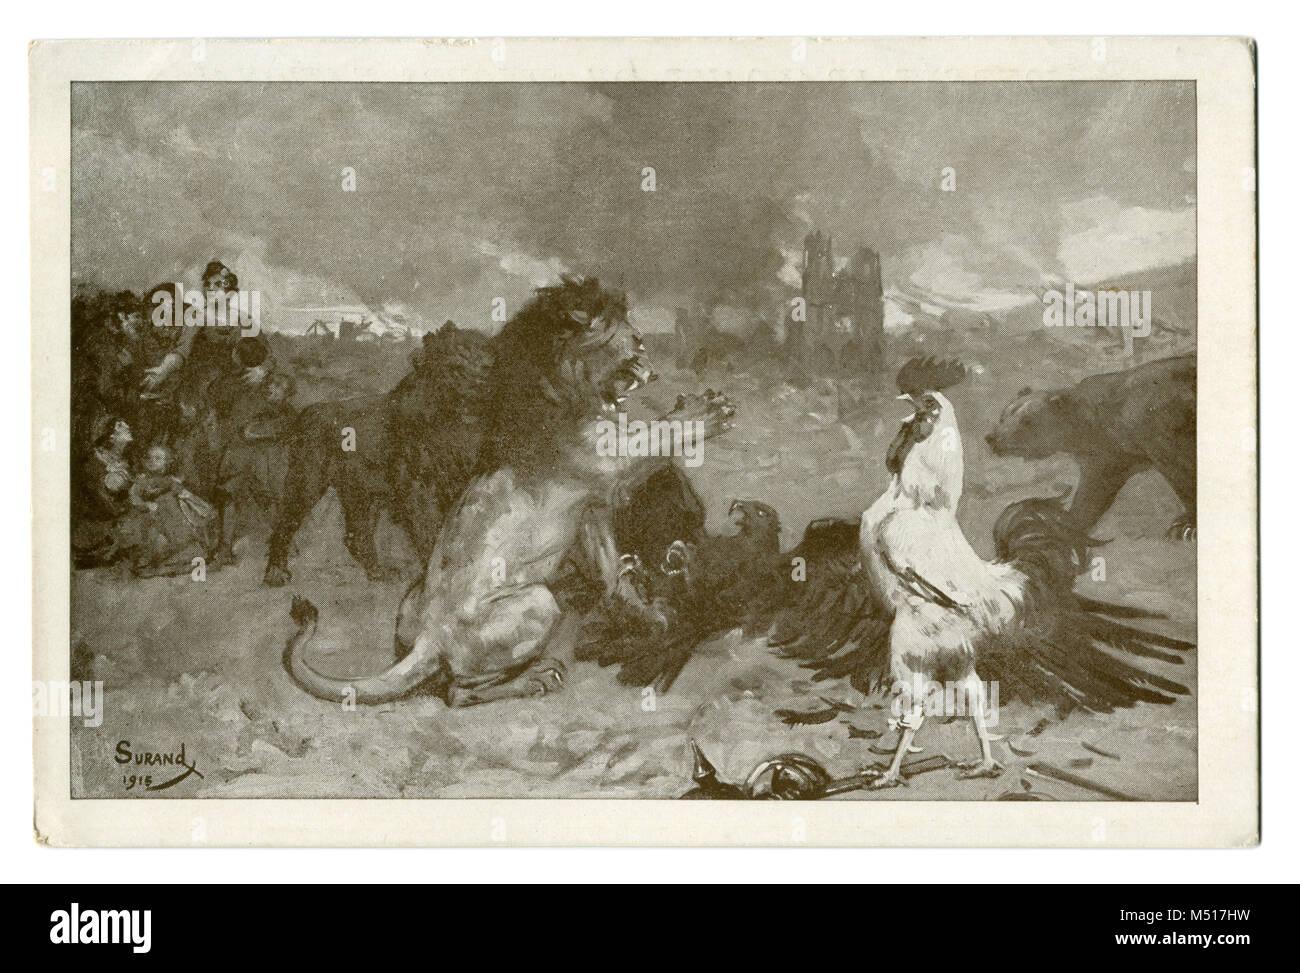 Alte französische Postkarte: Symbolik: Die Union der Entente: England (Löwe), Frankreich (Hahn), Russland Stockbild